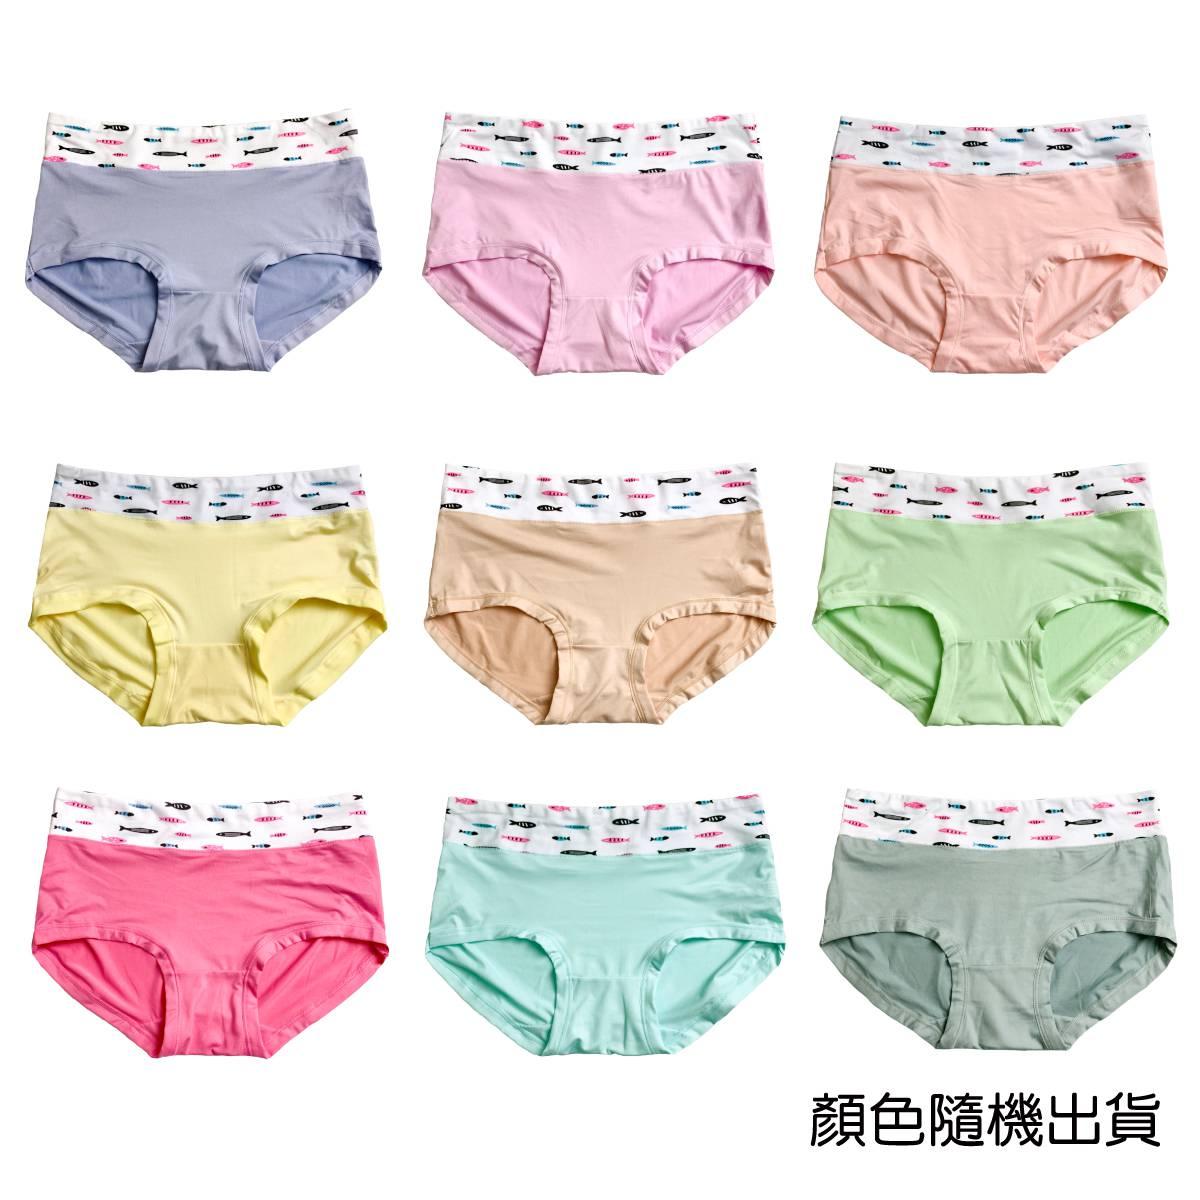 【吉妮儂來】舒適女內褲3101 F均碼(顏色隨機出貨)